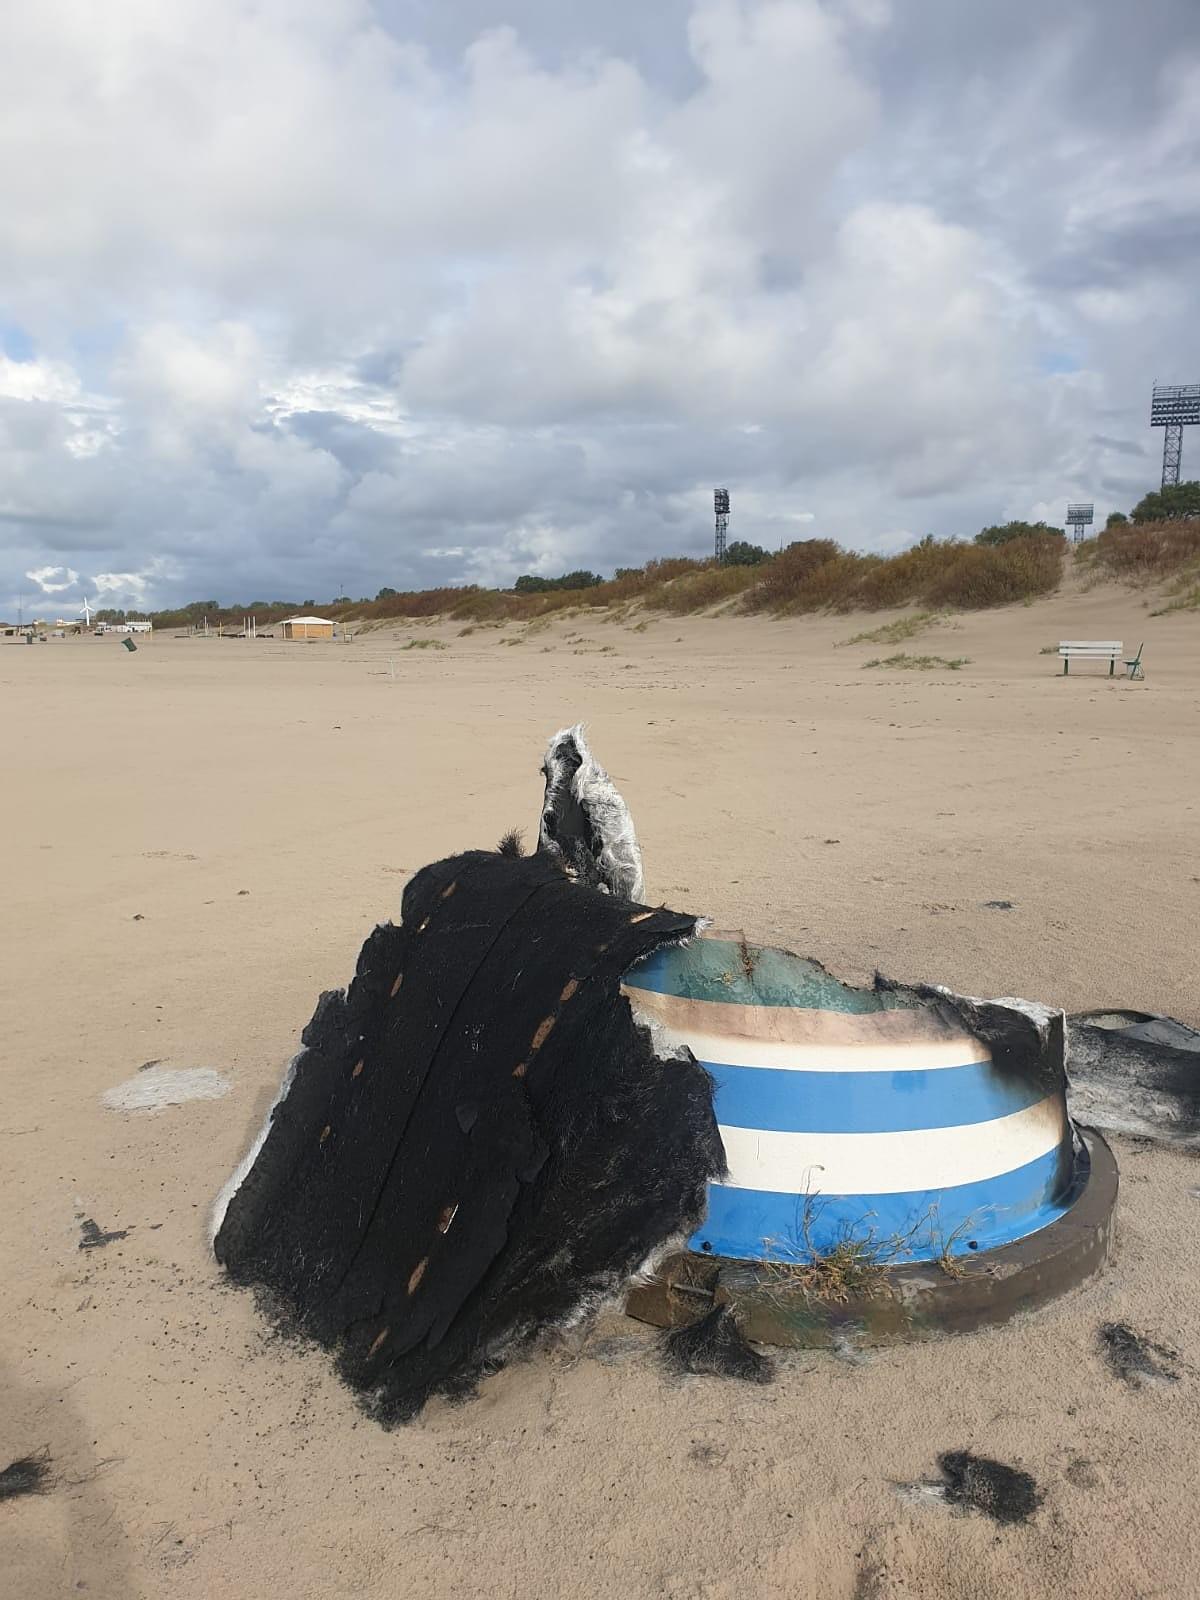 Liepājas pludmalē nodedzināta pārvietojamā tualete un atkritumu konteiners